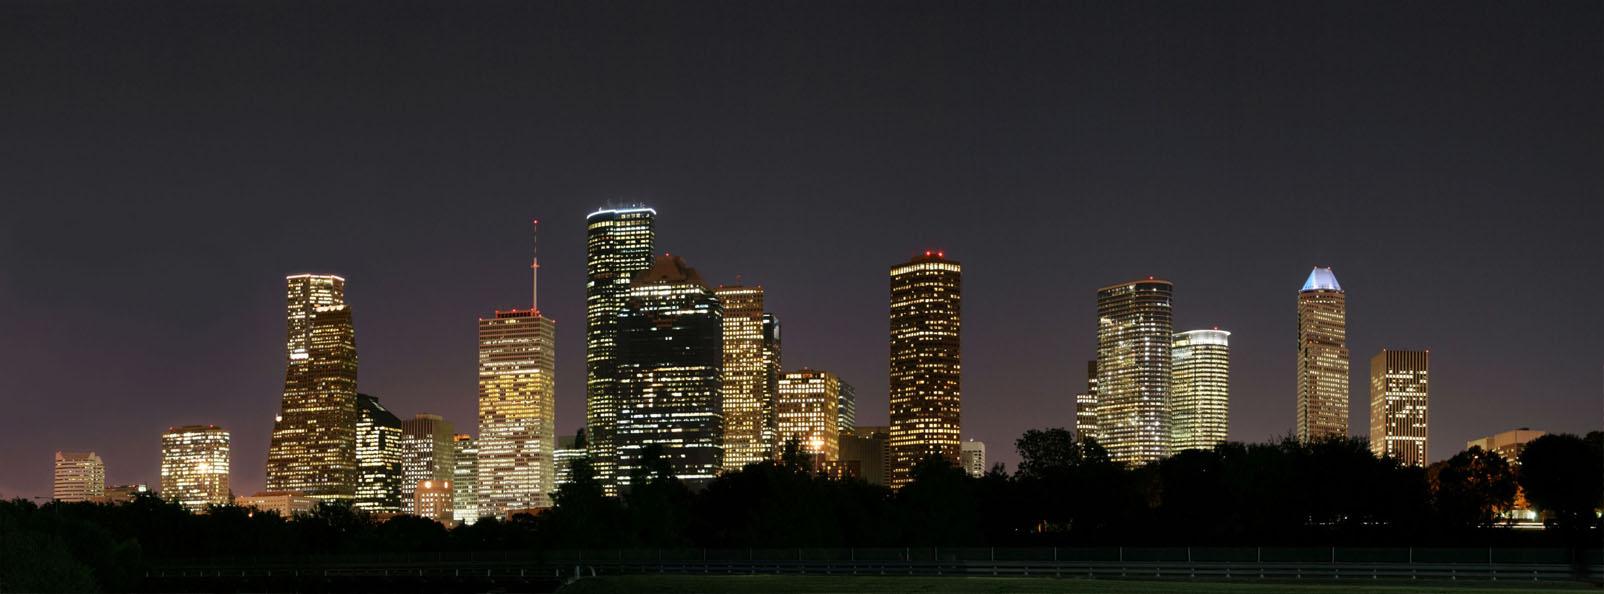 Houston Network Panoramic